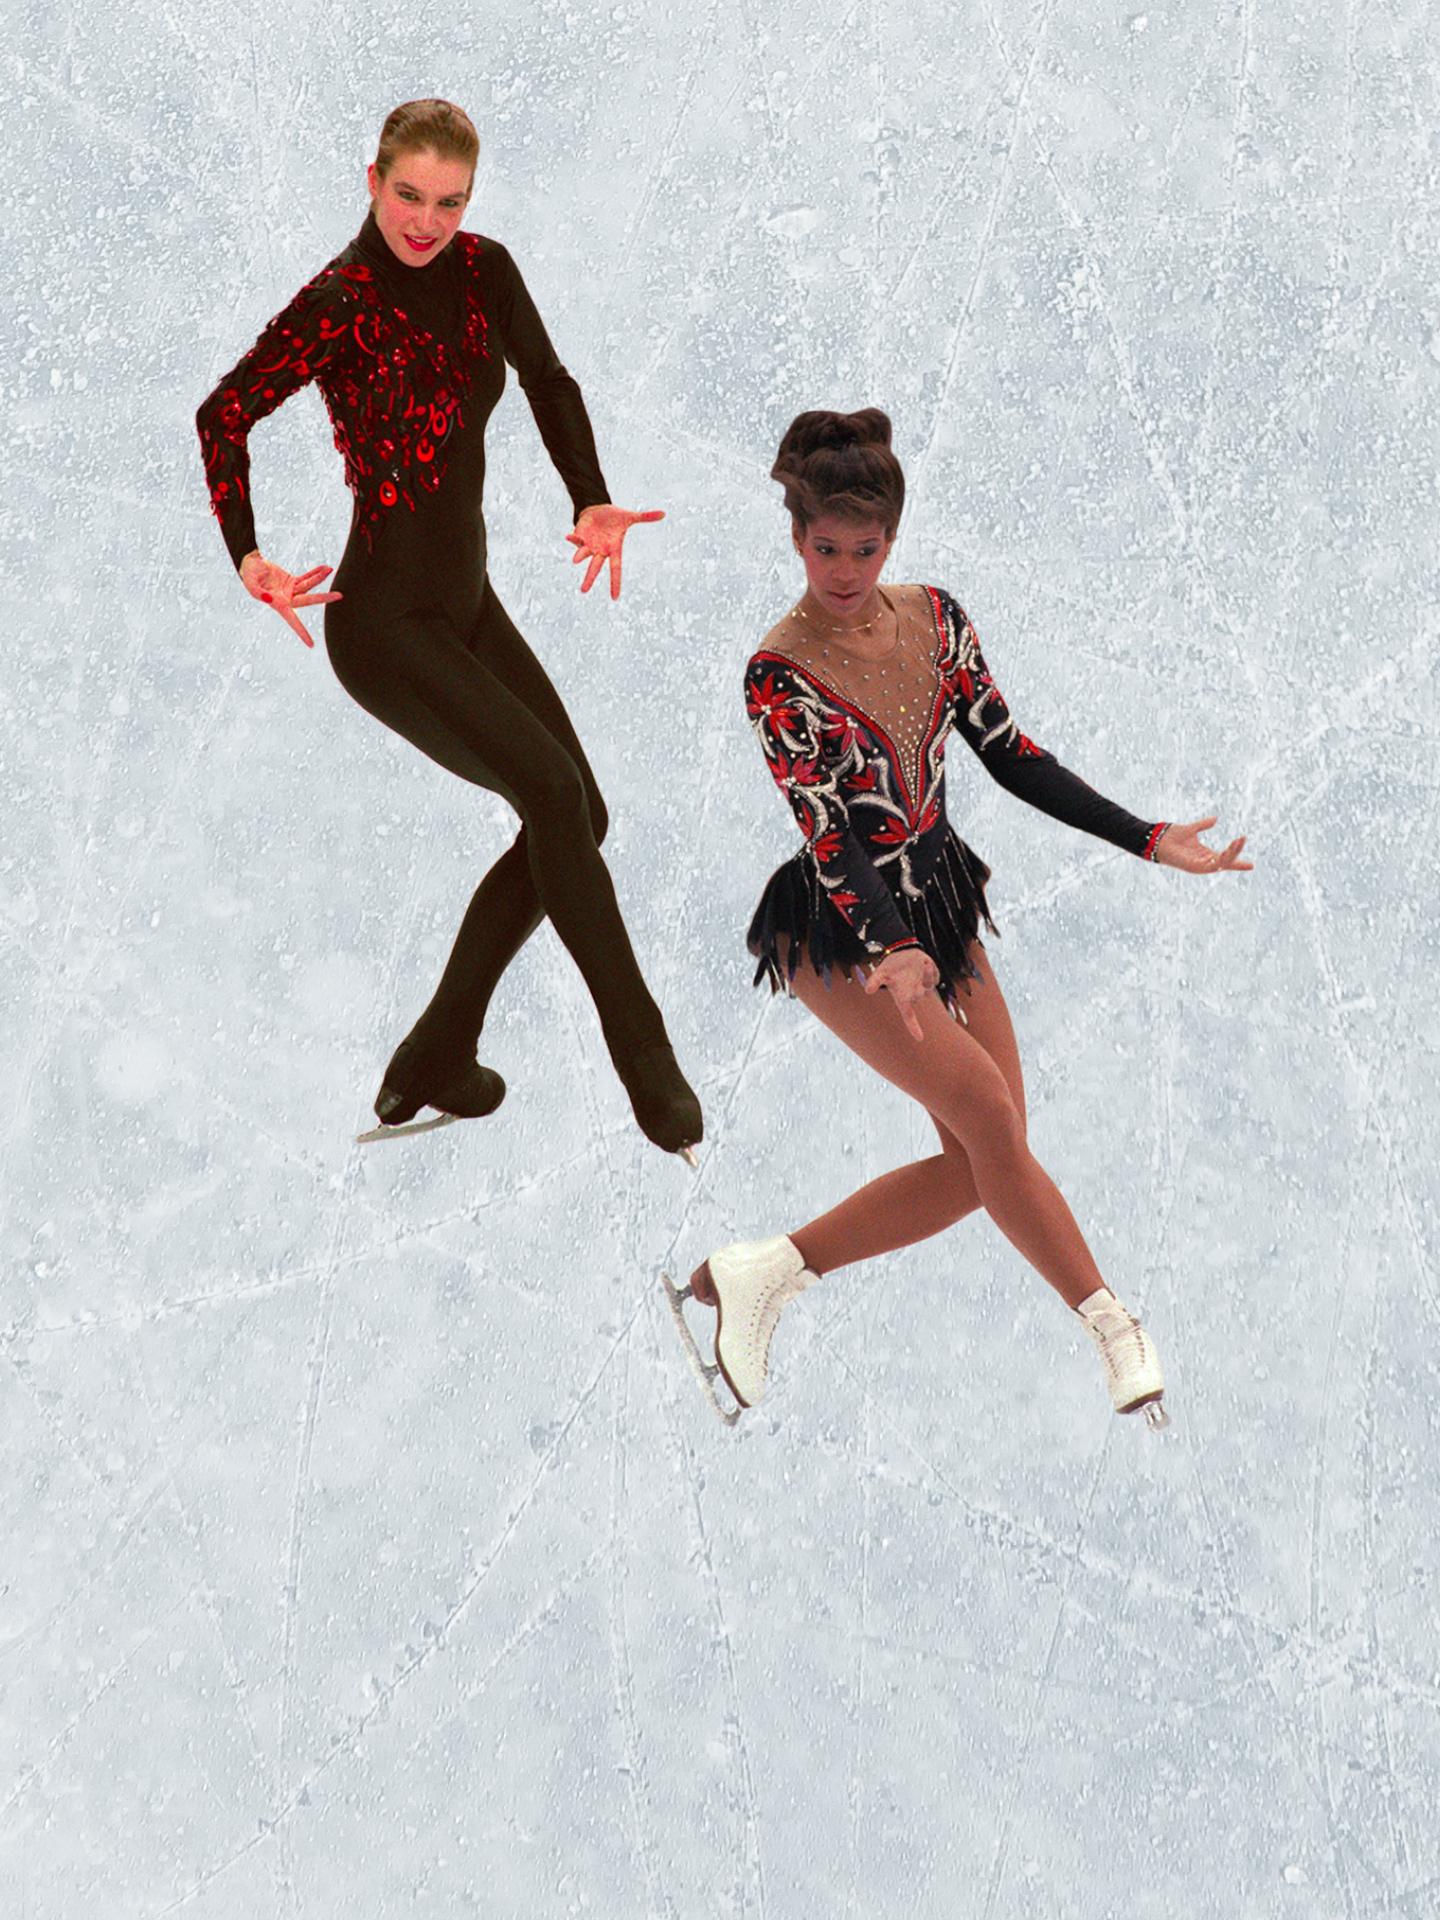 Katharina Witt - a symbol of figure skating 66